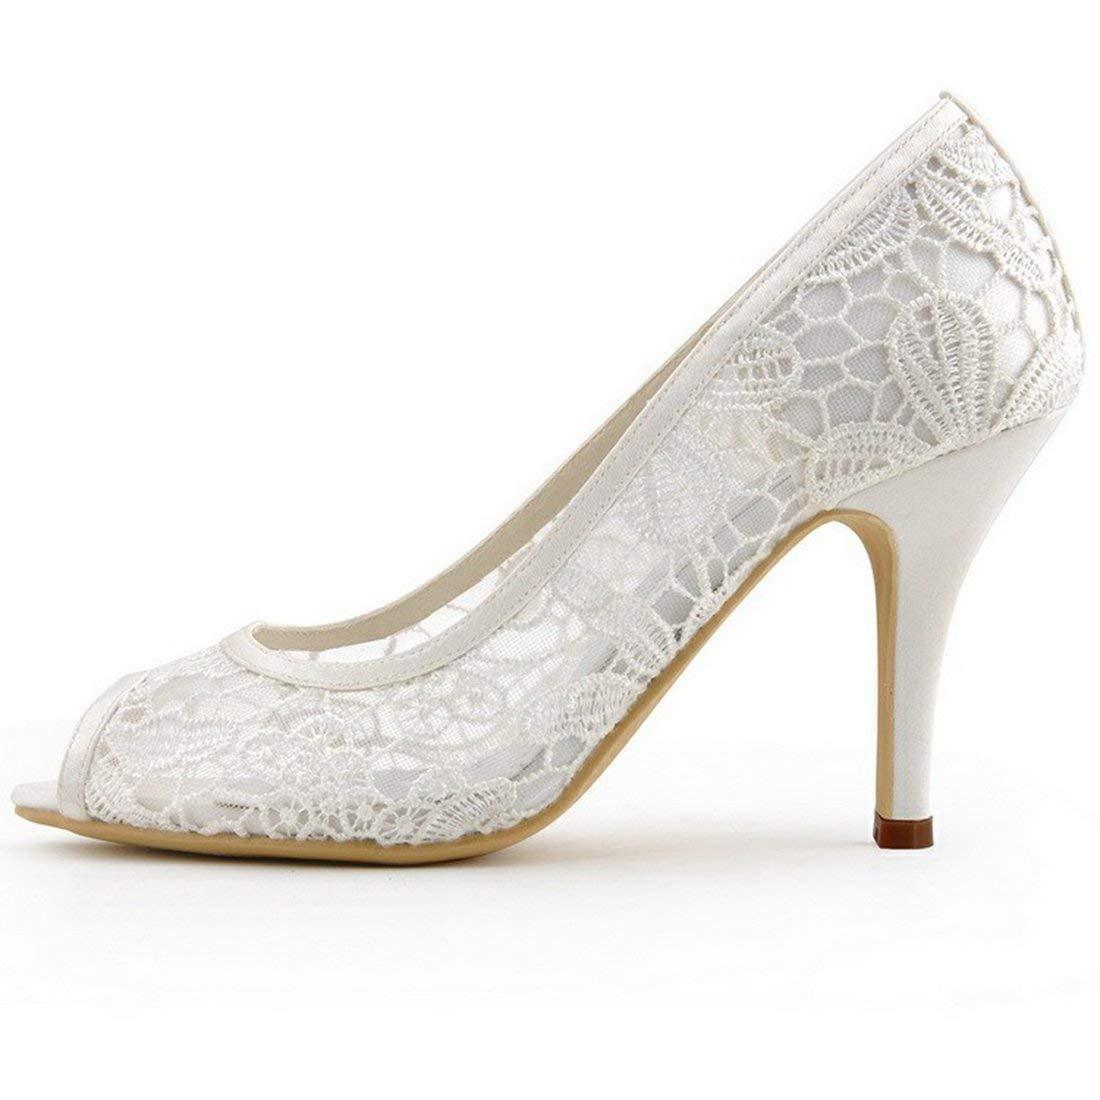 ZHRUI Damen Floral Mesh Peep Peep Peep Toe Elfenbein Spitze Braut Hochzeit Formale Partei Sandalen UK 8 (Farbe   -, Größe   -) c1d30c